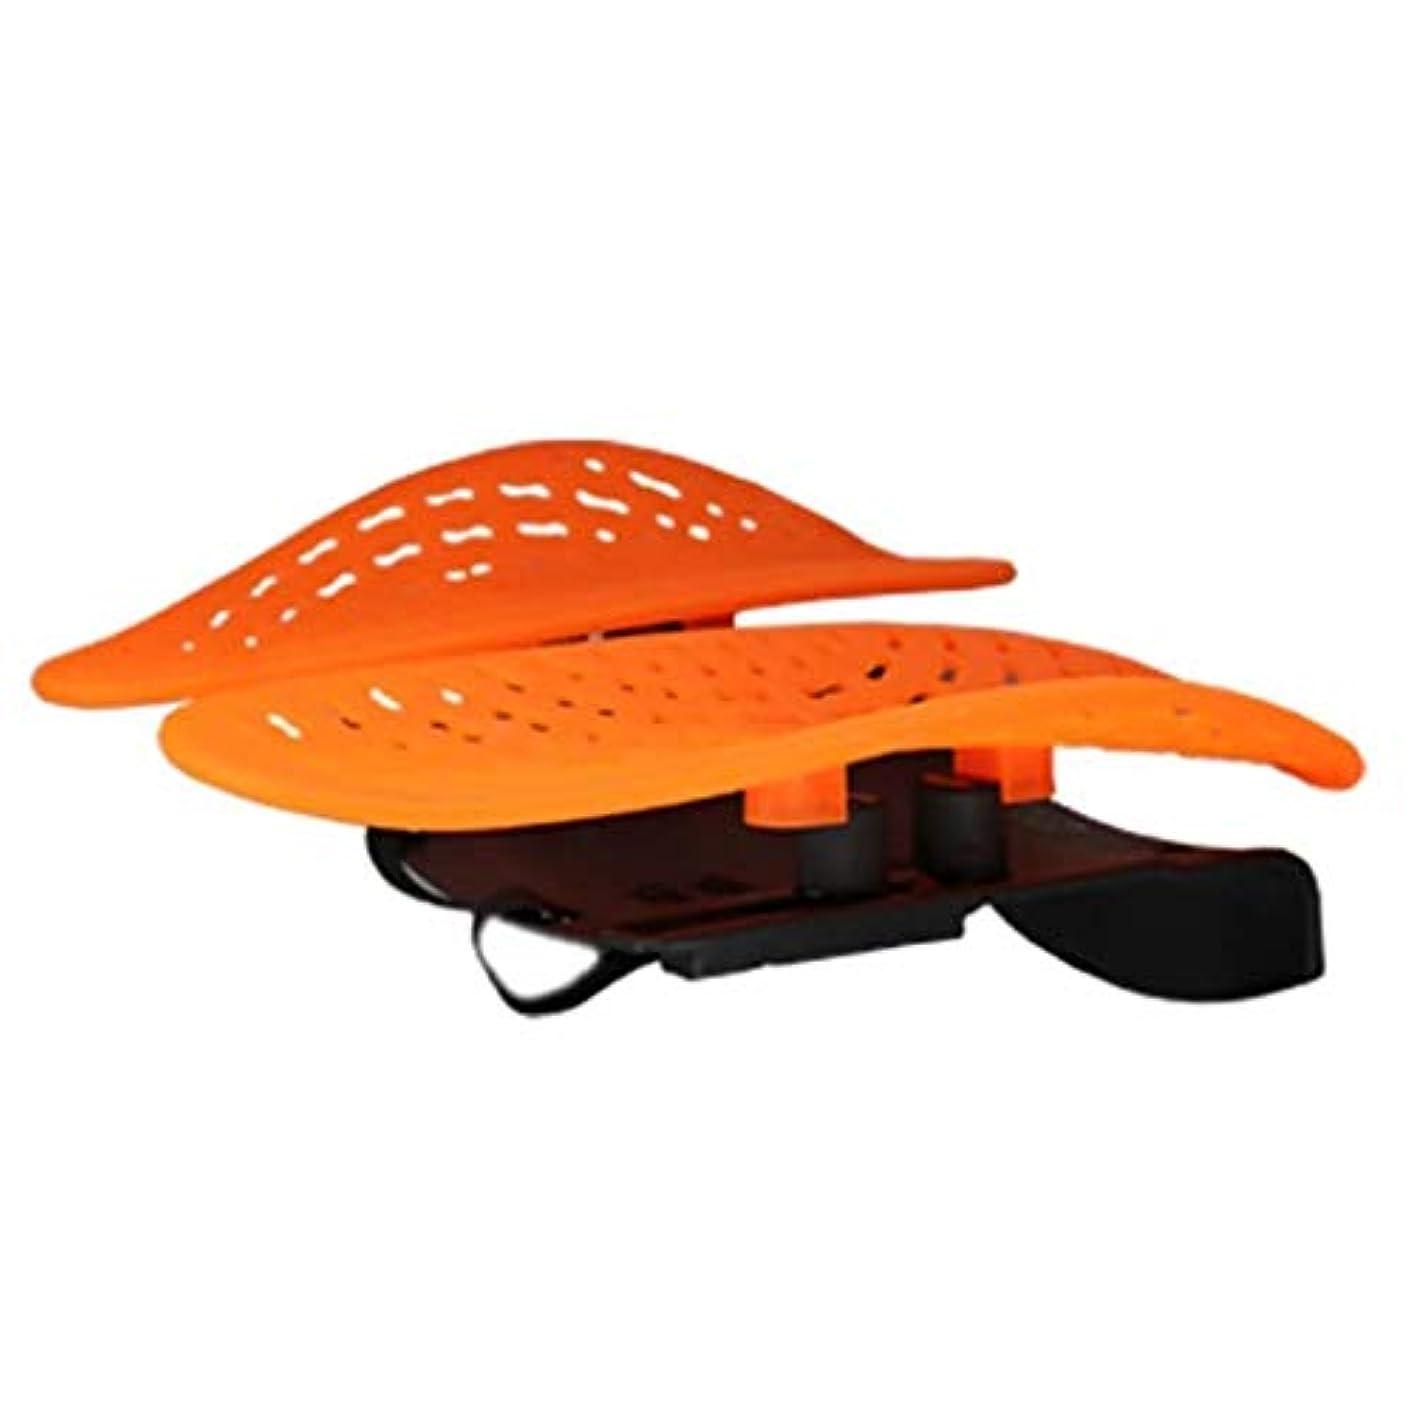 汚染描写妖精ウエストマッサージャー、腰椎サポートパッド、アイスシルクバックサポートパッド、ホーム/オフィスチェアや車に適し、背中の痛みを和らげる (Color : オレンジ)